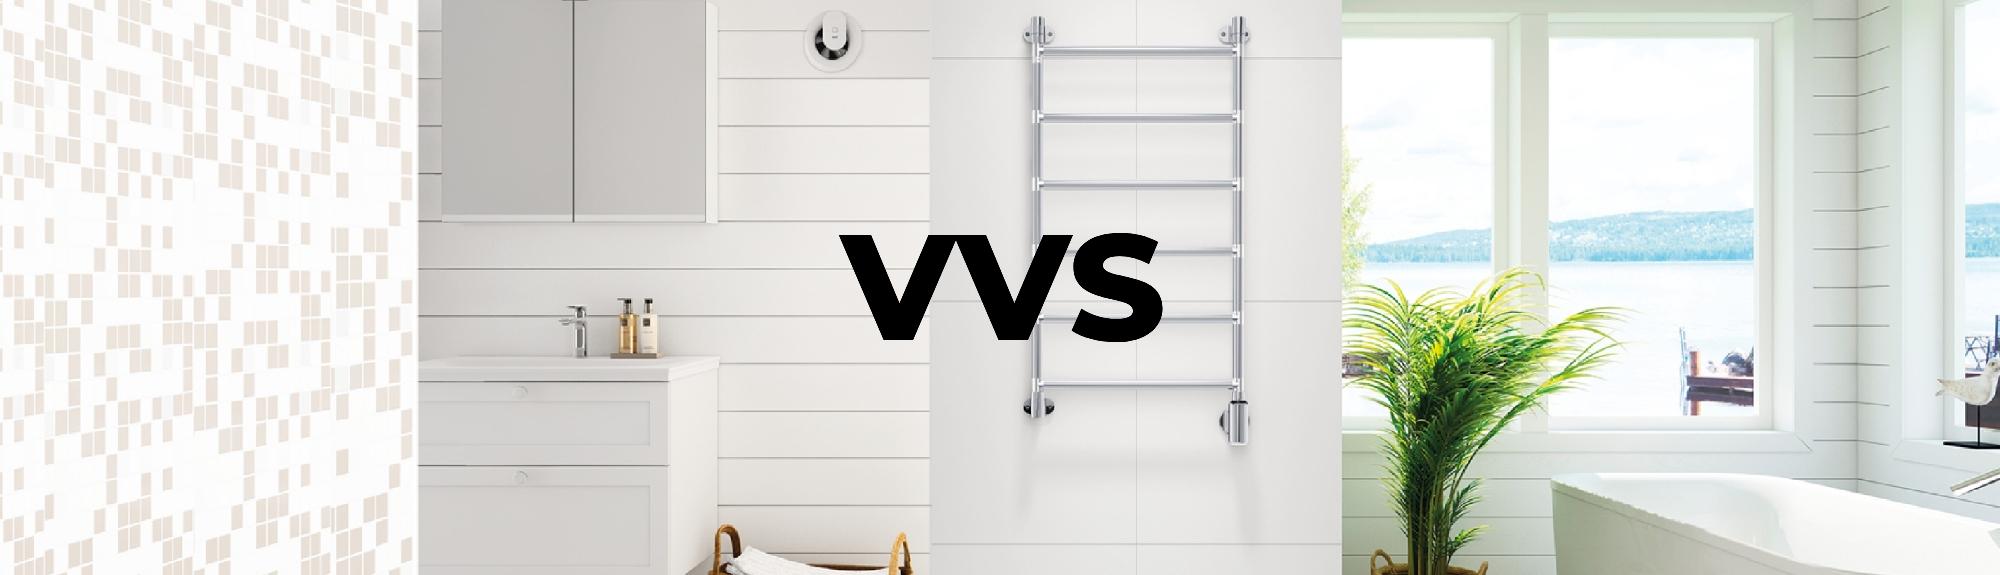 Kategori VVS Villahome.se Banner